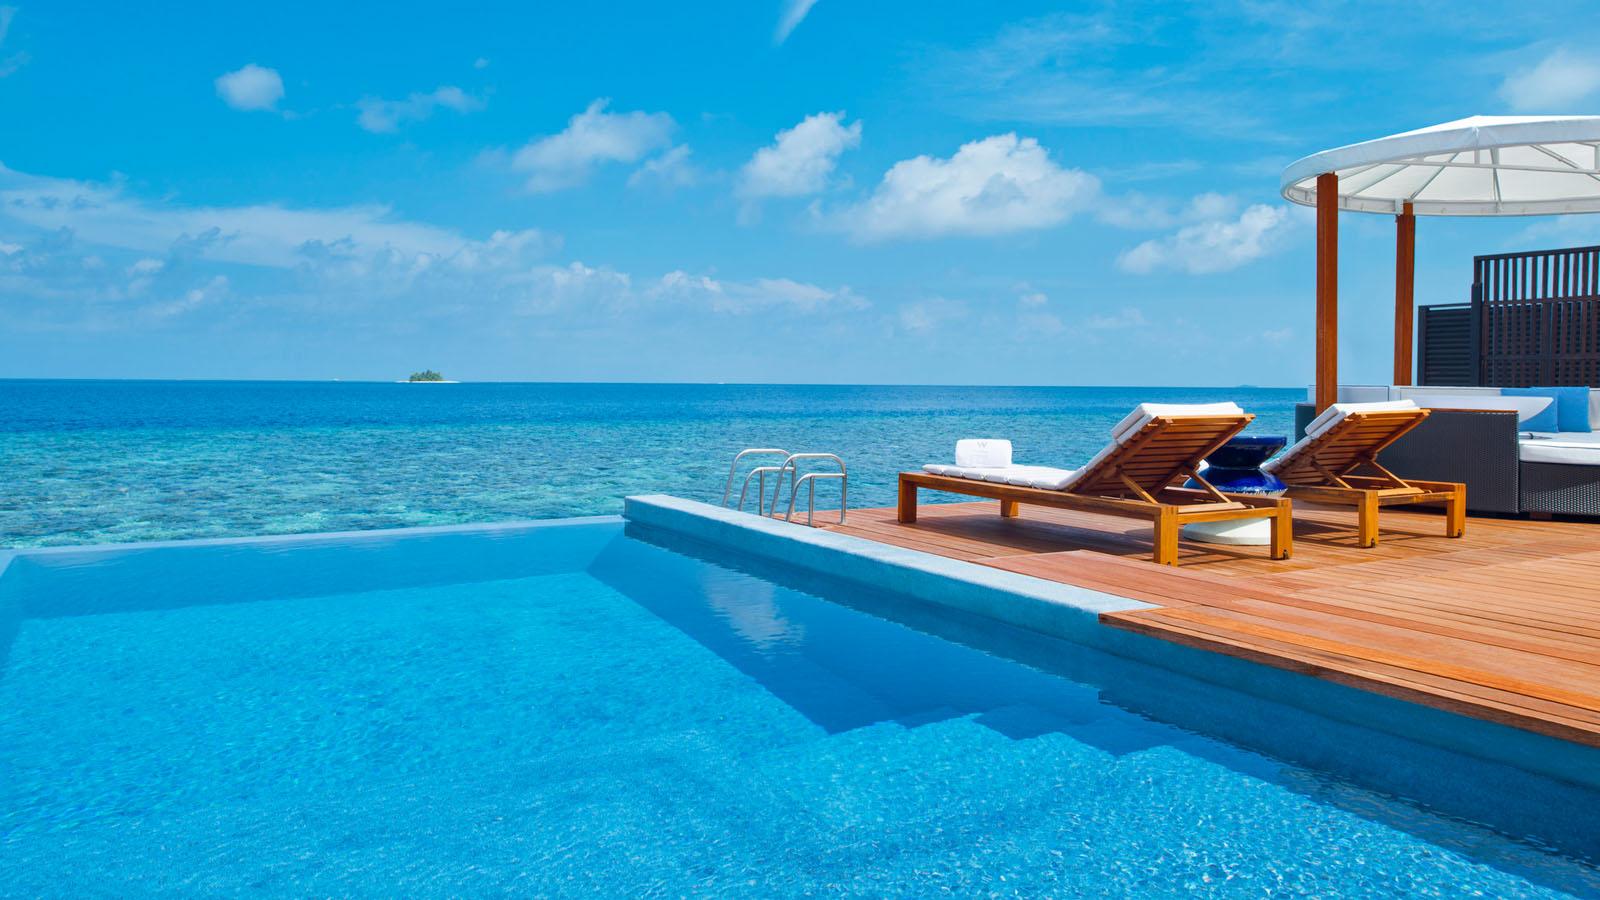 W Retreat and Spa Maldives (8)